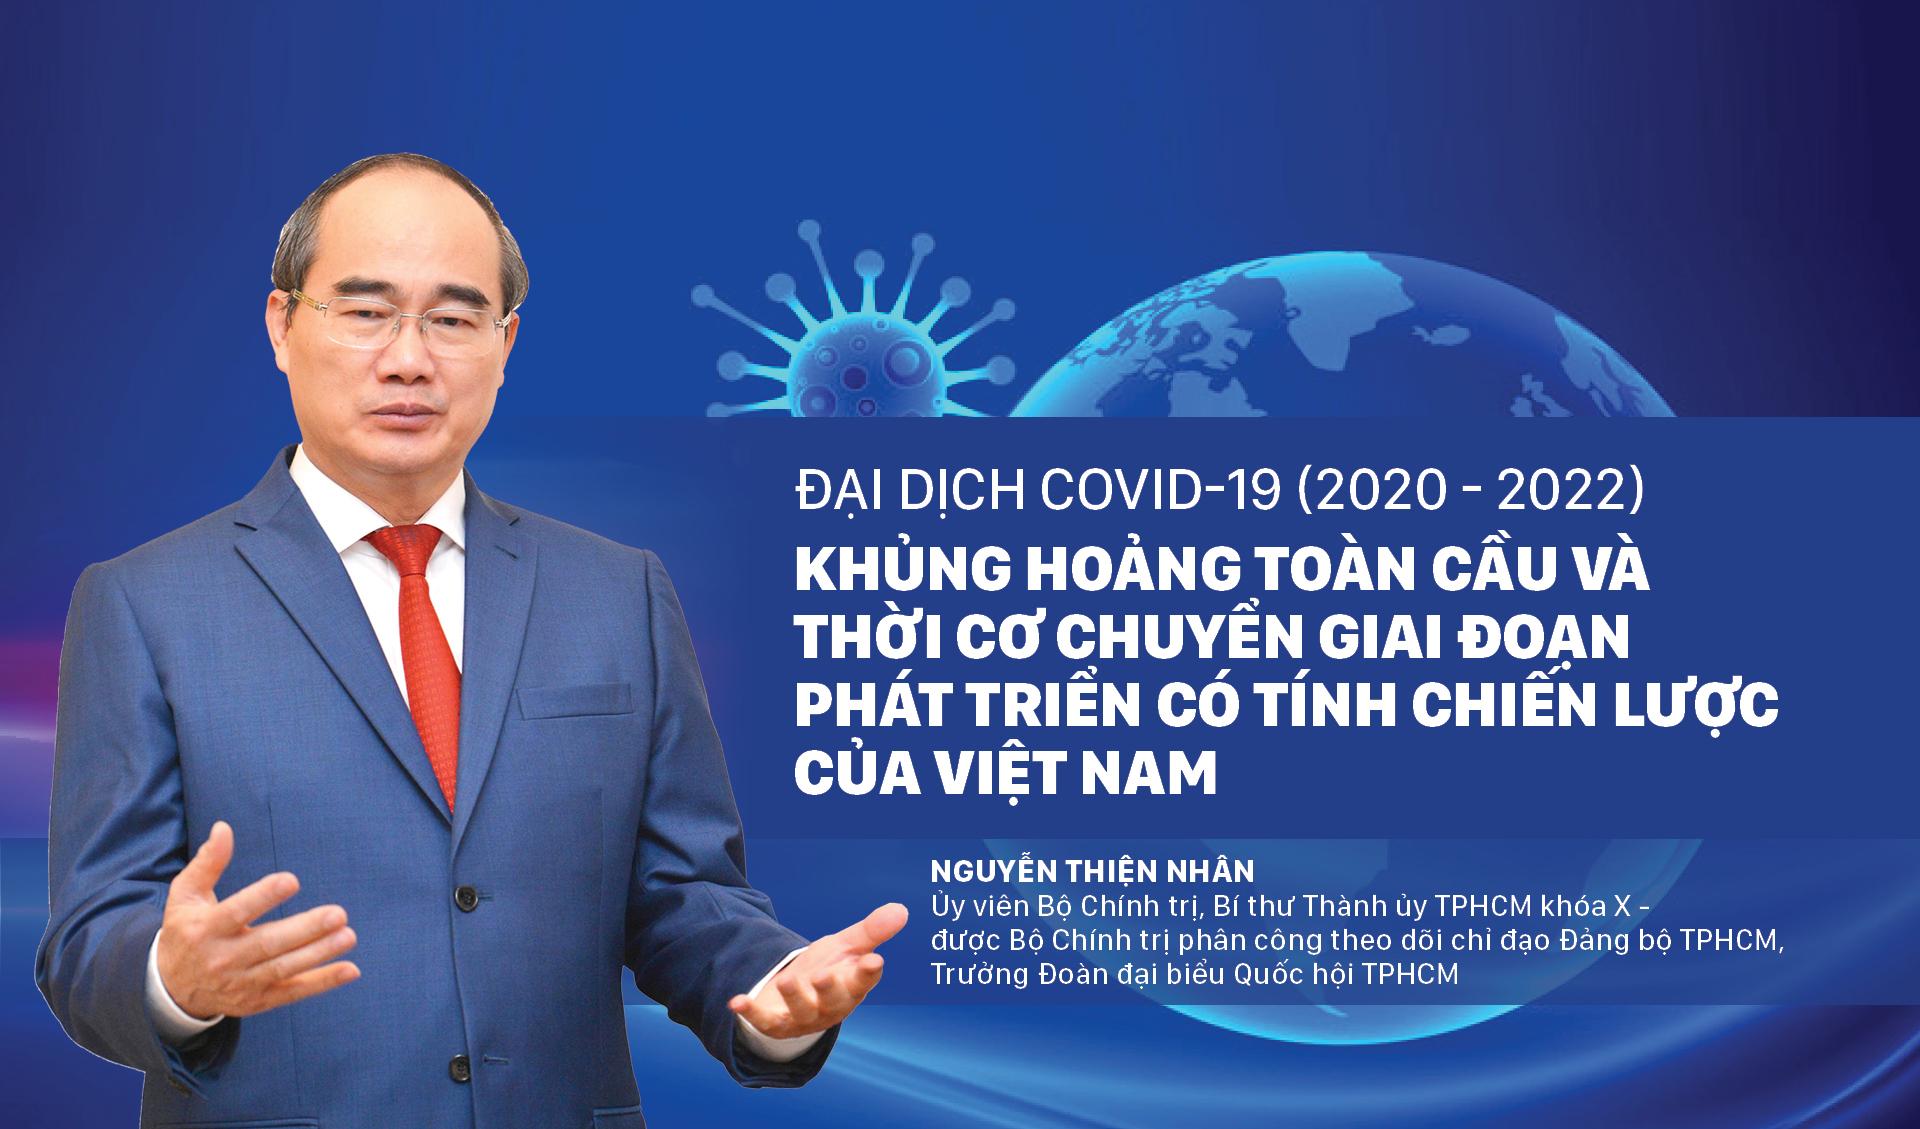 Đại dịch Covid-19 (2020 - 2022) - Khủng hoảng toàn cầu và thời cơ chuyển giai đoạn phát triển có tính chiến lược của Việt Nam